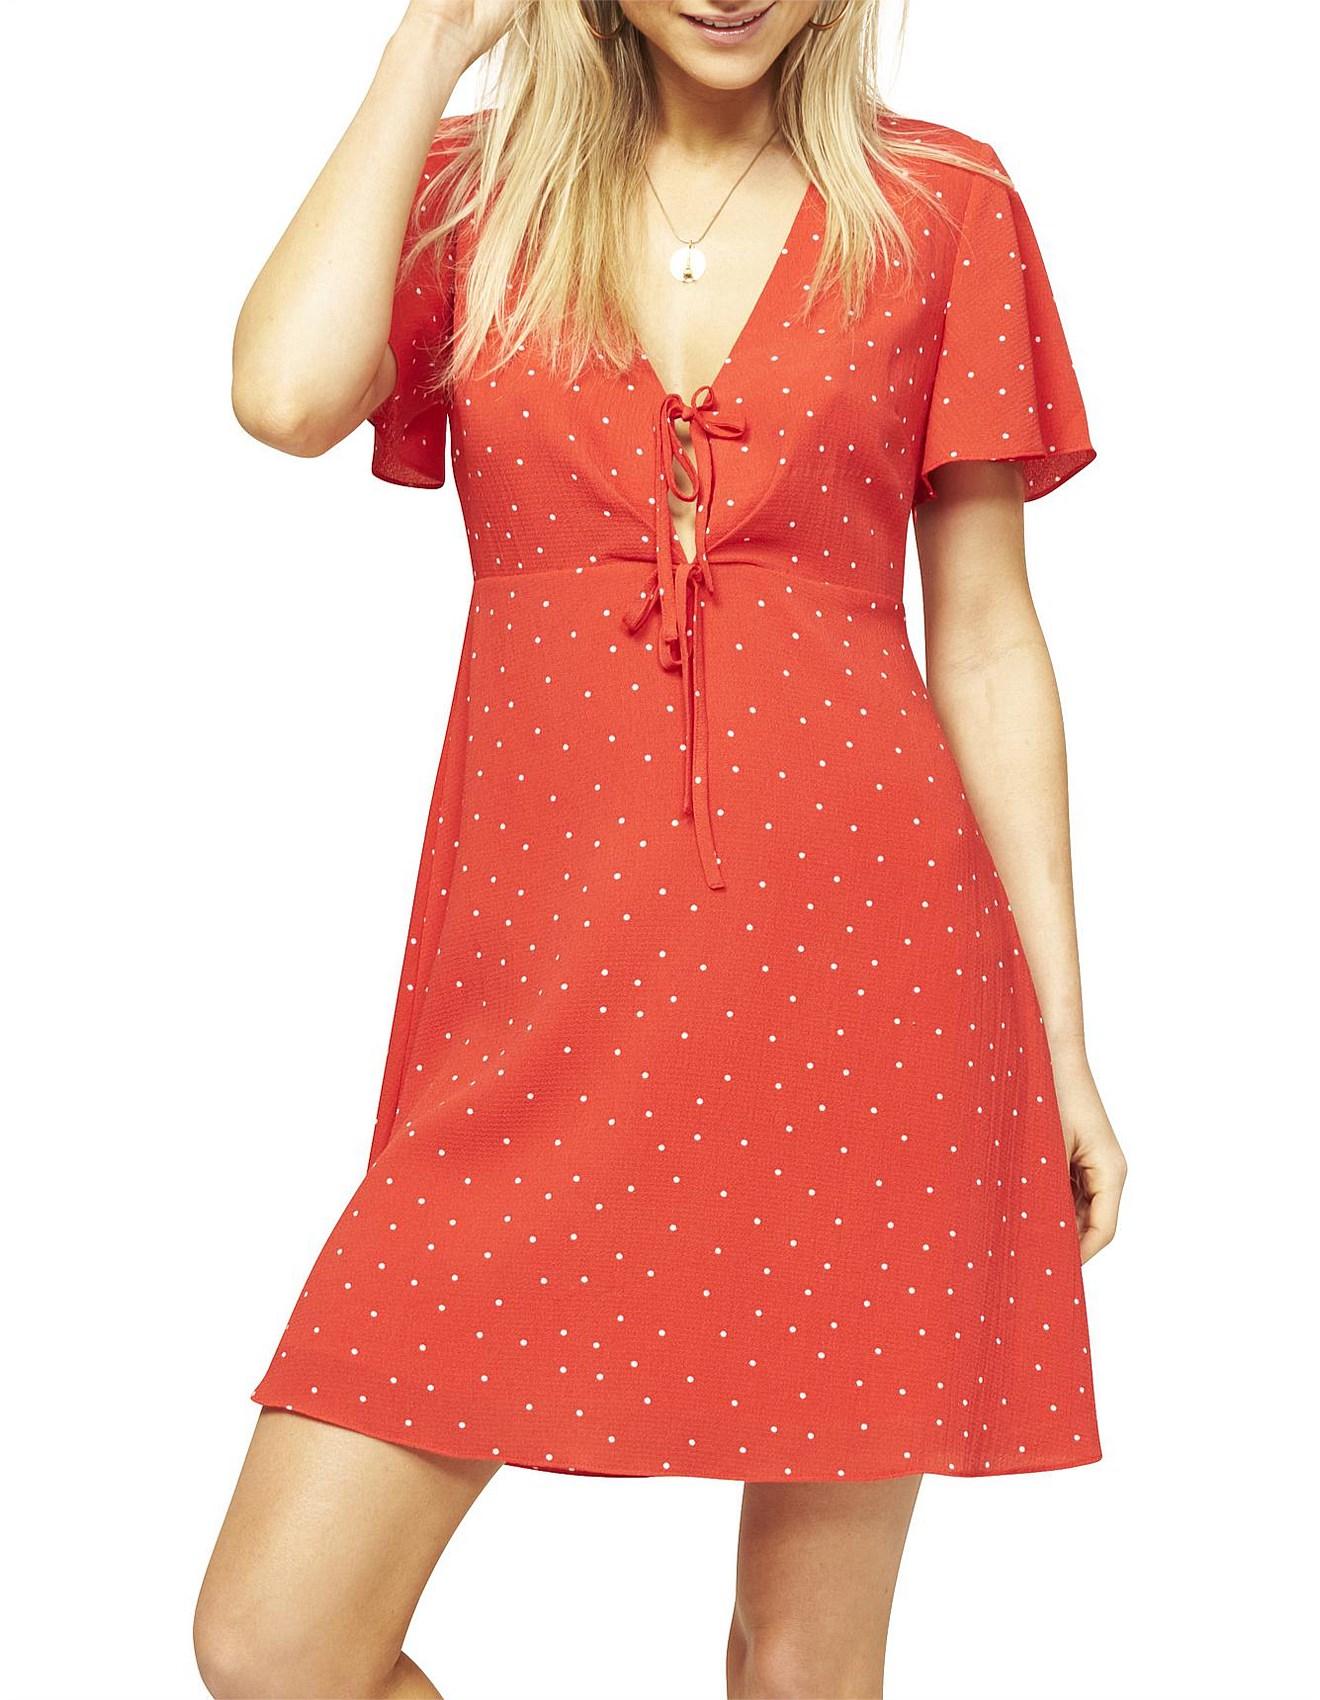 Dress Sale | Buy Women's Dresses Online | David Jones - Oh ...